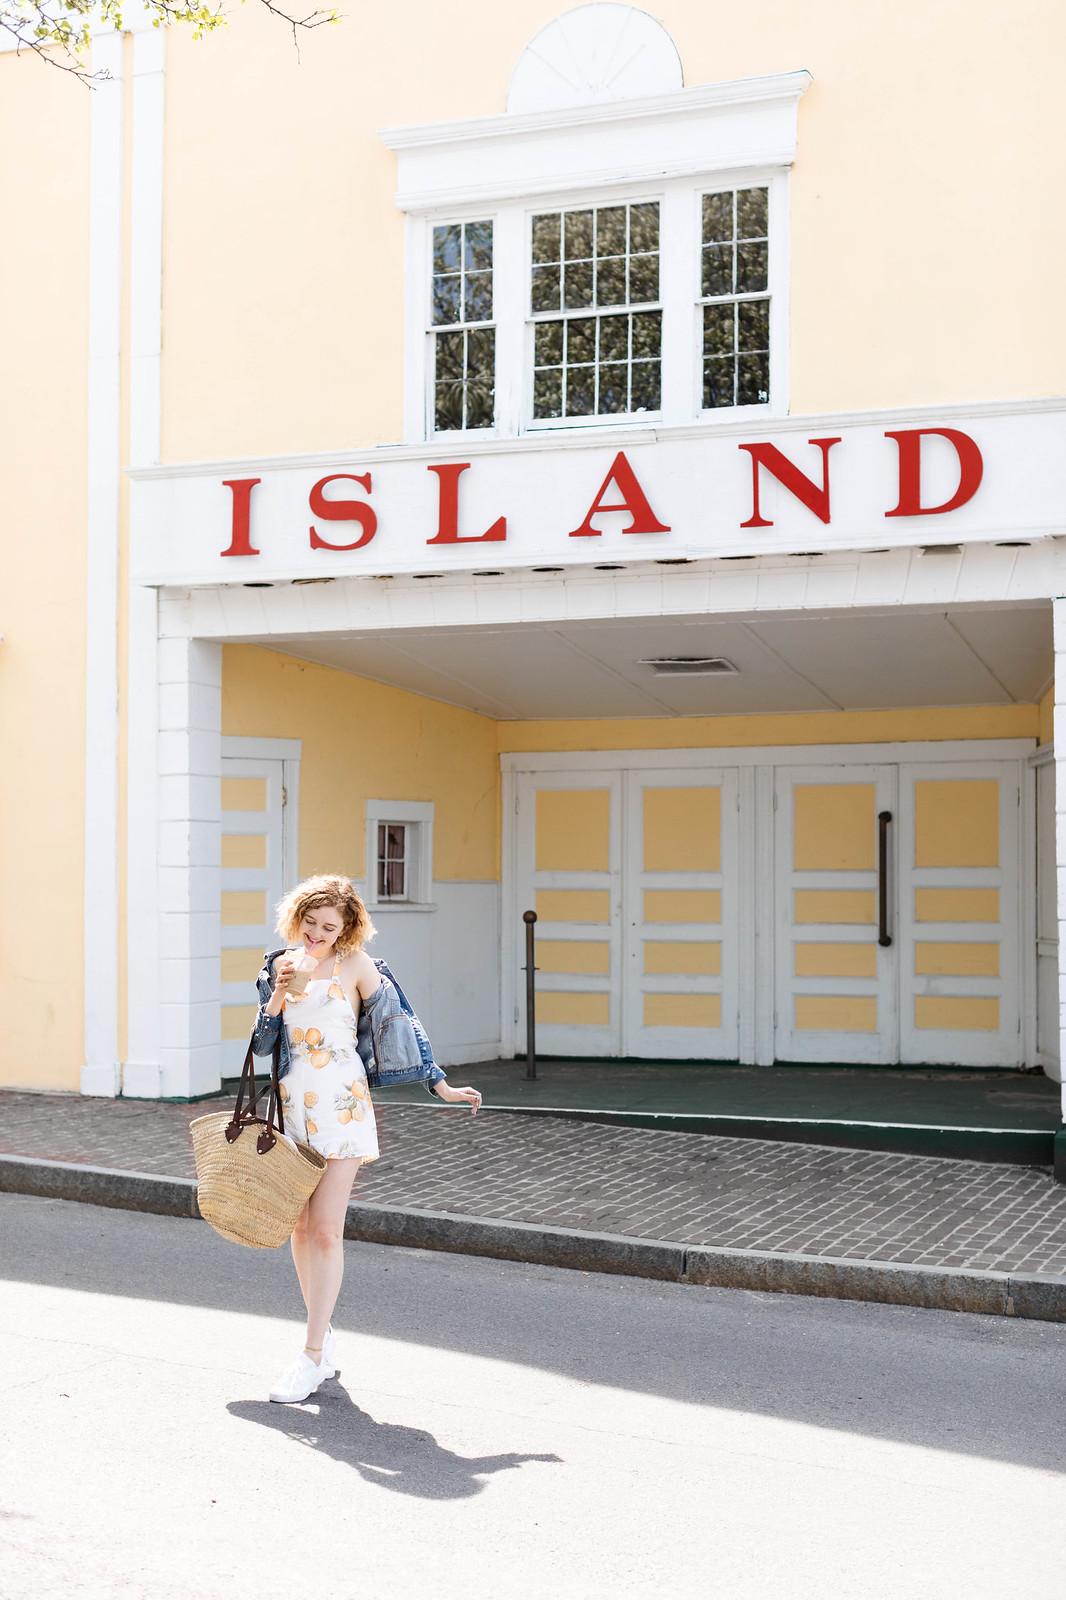 Oaks Bluff Marthas Vineyard on http://juliettelaura.blogspot.com/